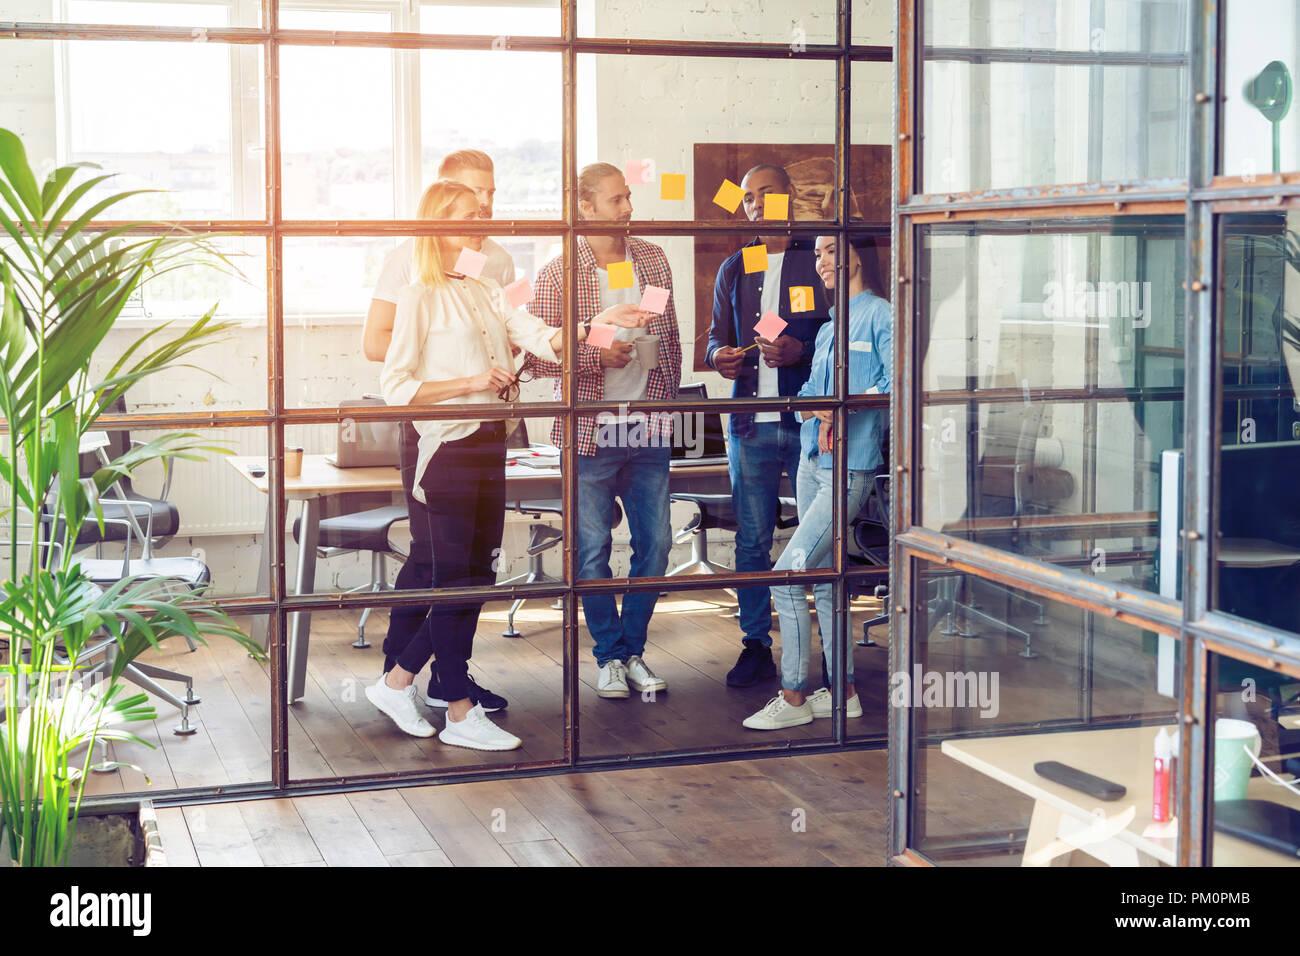 La condivisione di idee di business. Per tutta la lunghezza della giovane gente moderna in smart casual con note adesive in piedi dietro la parete di vetro nella sala consiglio. Immagini Stock